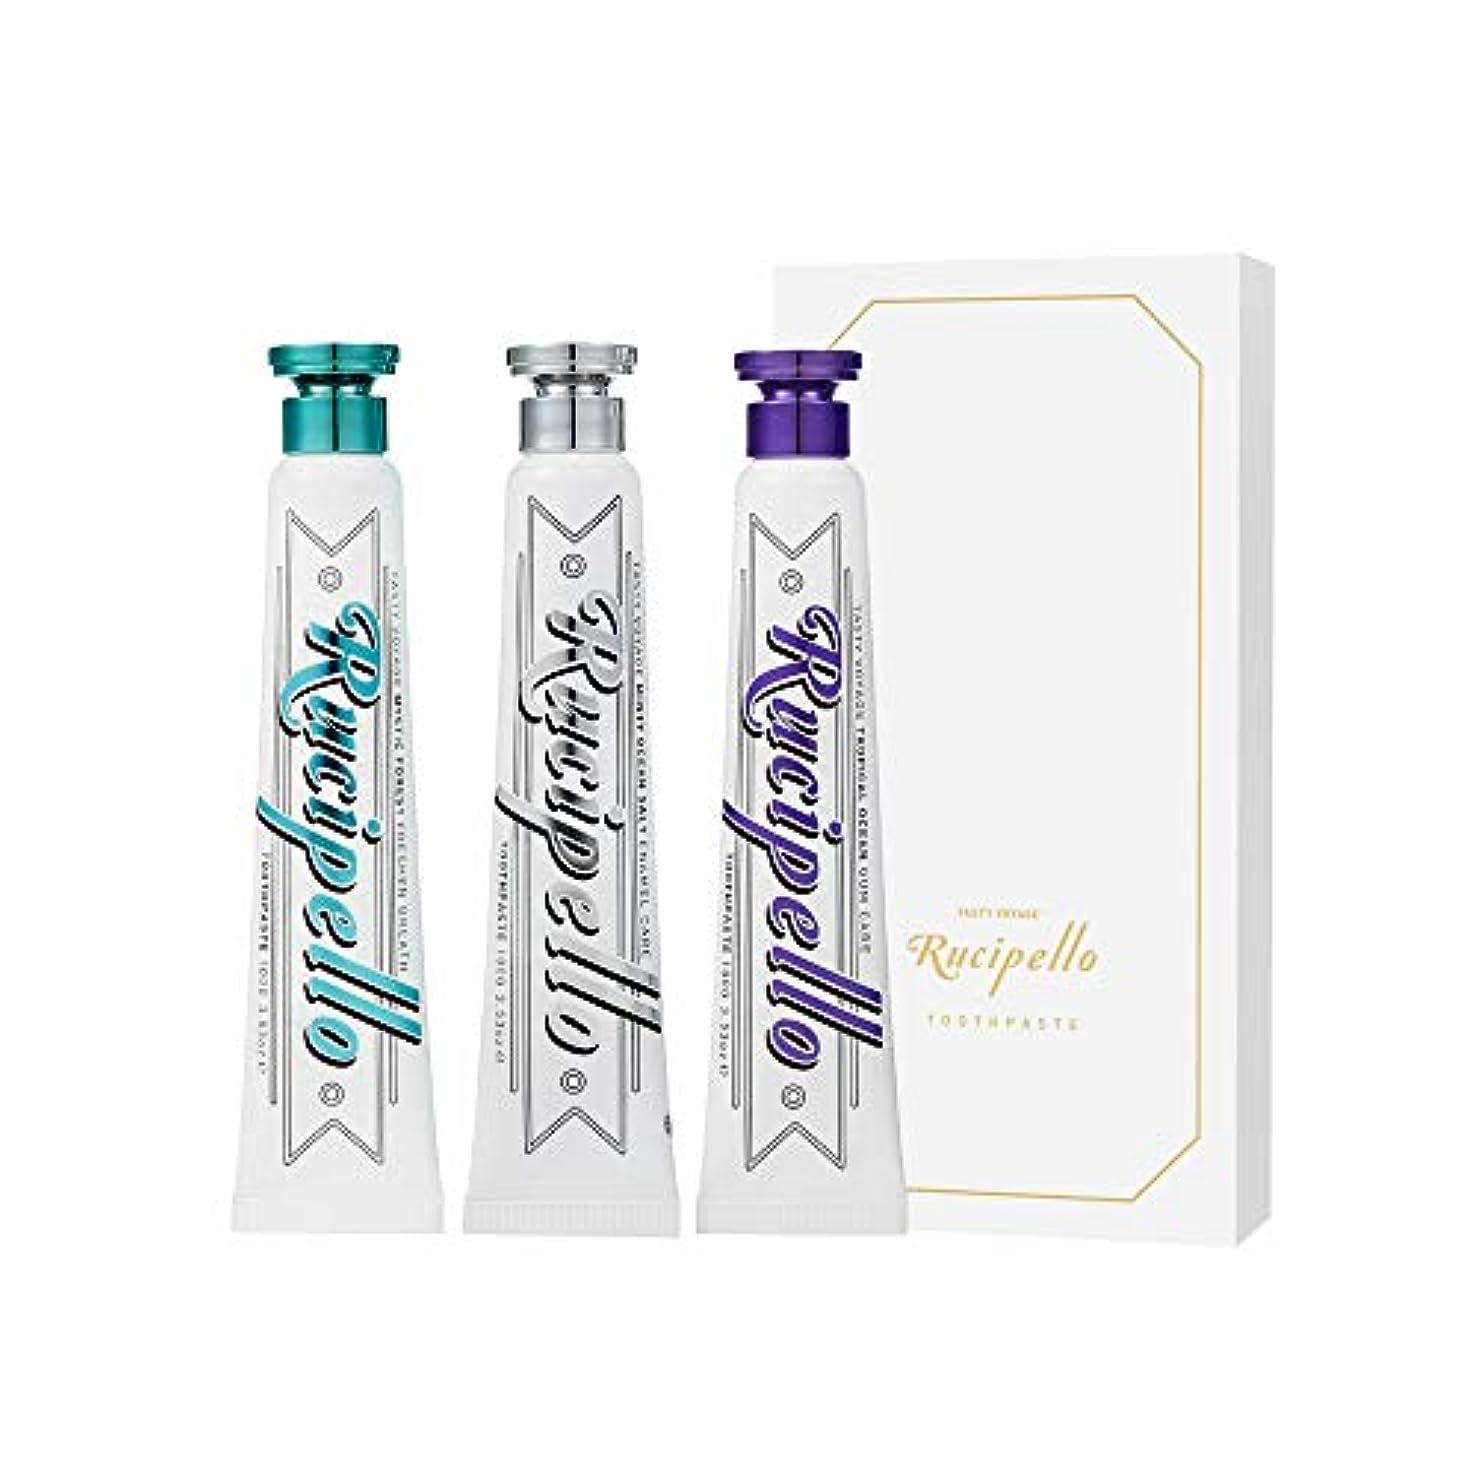 昇る彼女対話[ルチペッロ] Rucipello 歯磨き粉3種のプレゼントセット 100g x 3 本 (海外直送品)